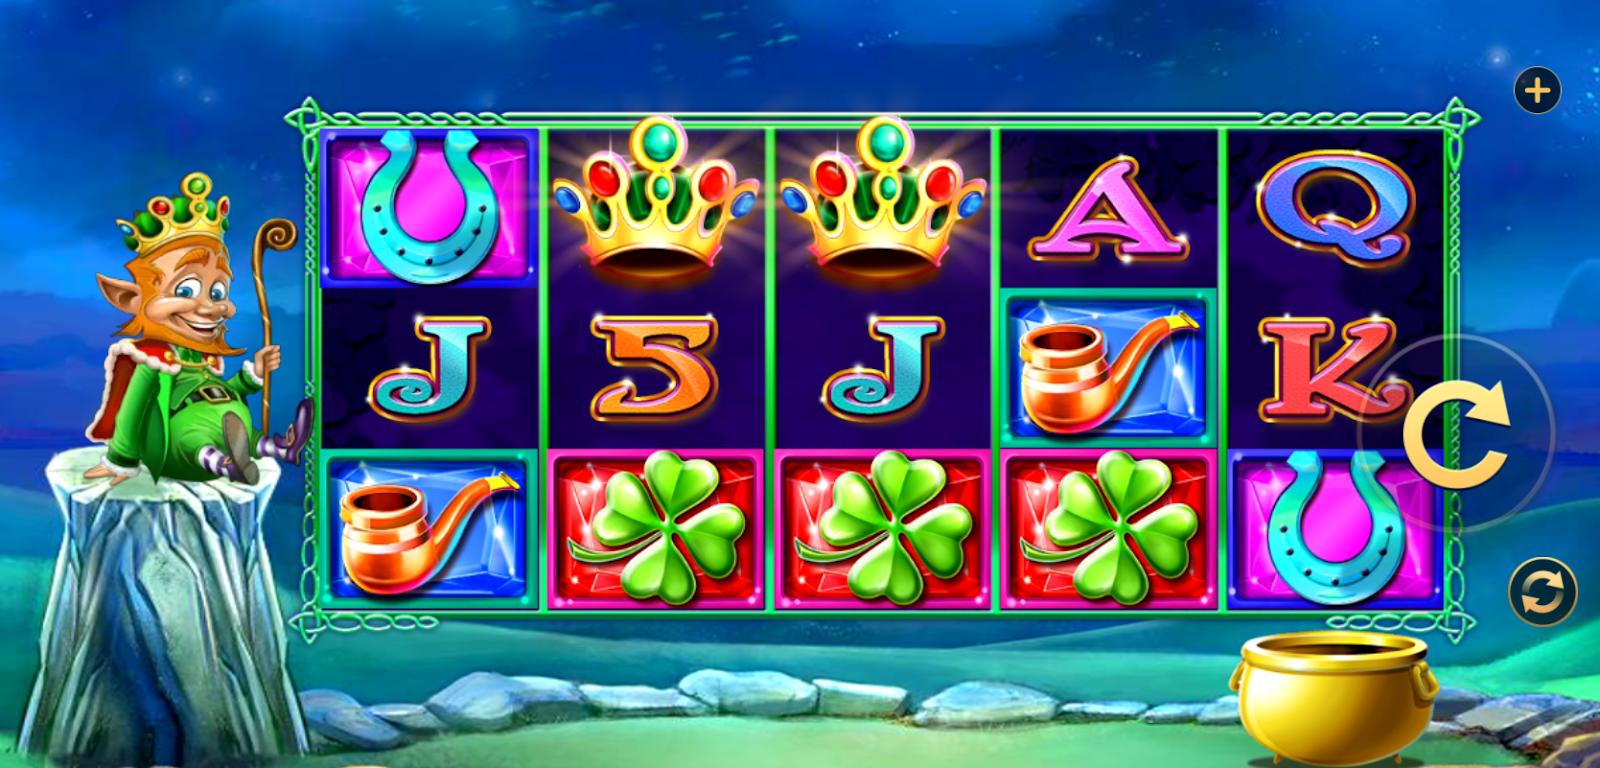 The Leprechaun King Slot Game